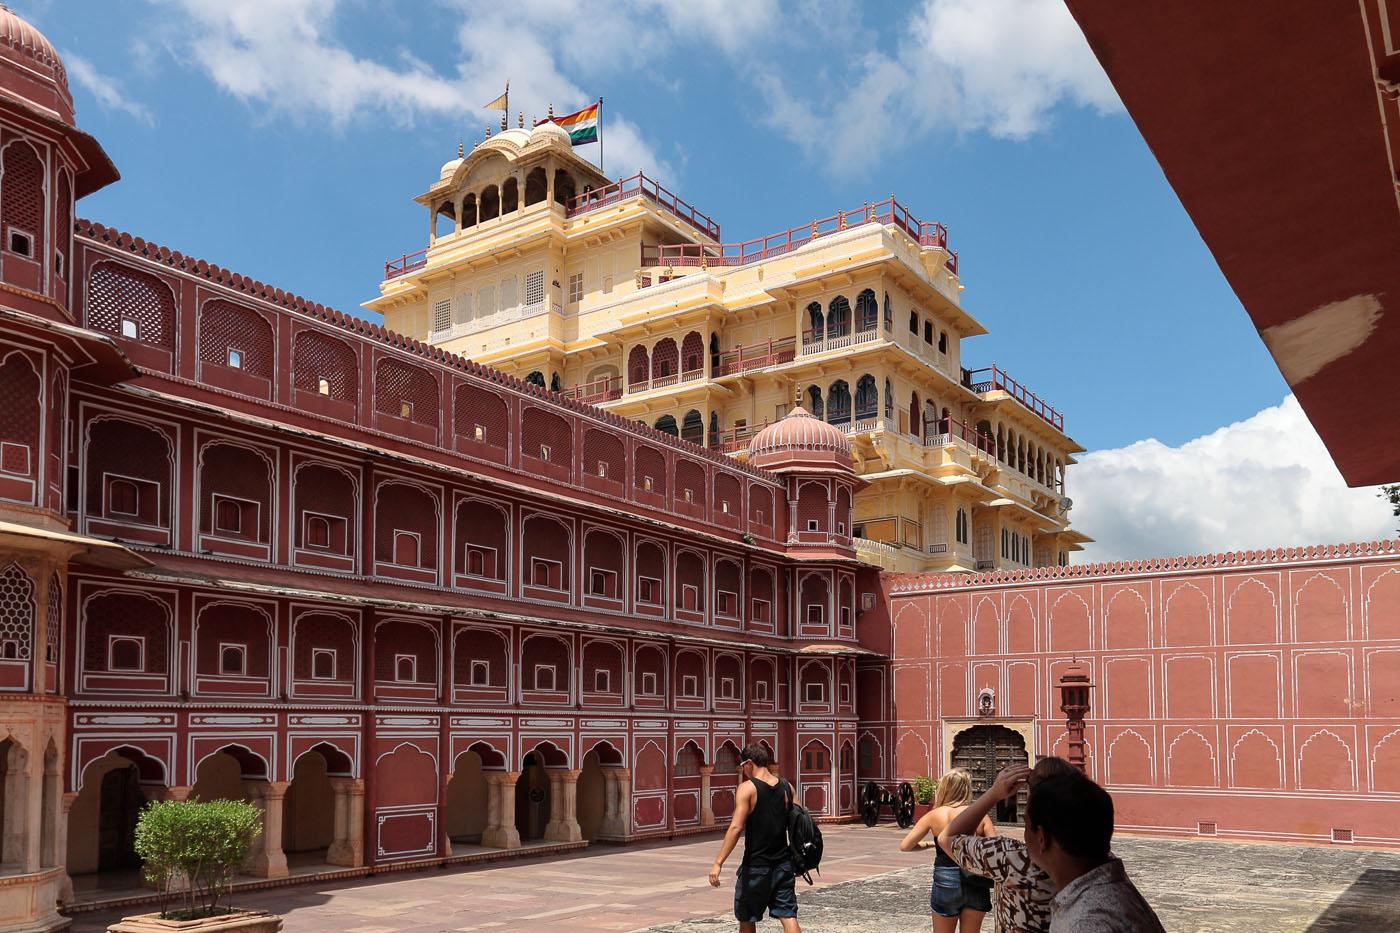 Фото 22. Во Дворце Махараджи. Как мы ездили в Джайпур. Отчет о путешествии по Индии